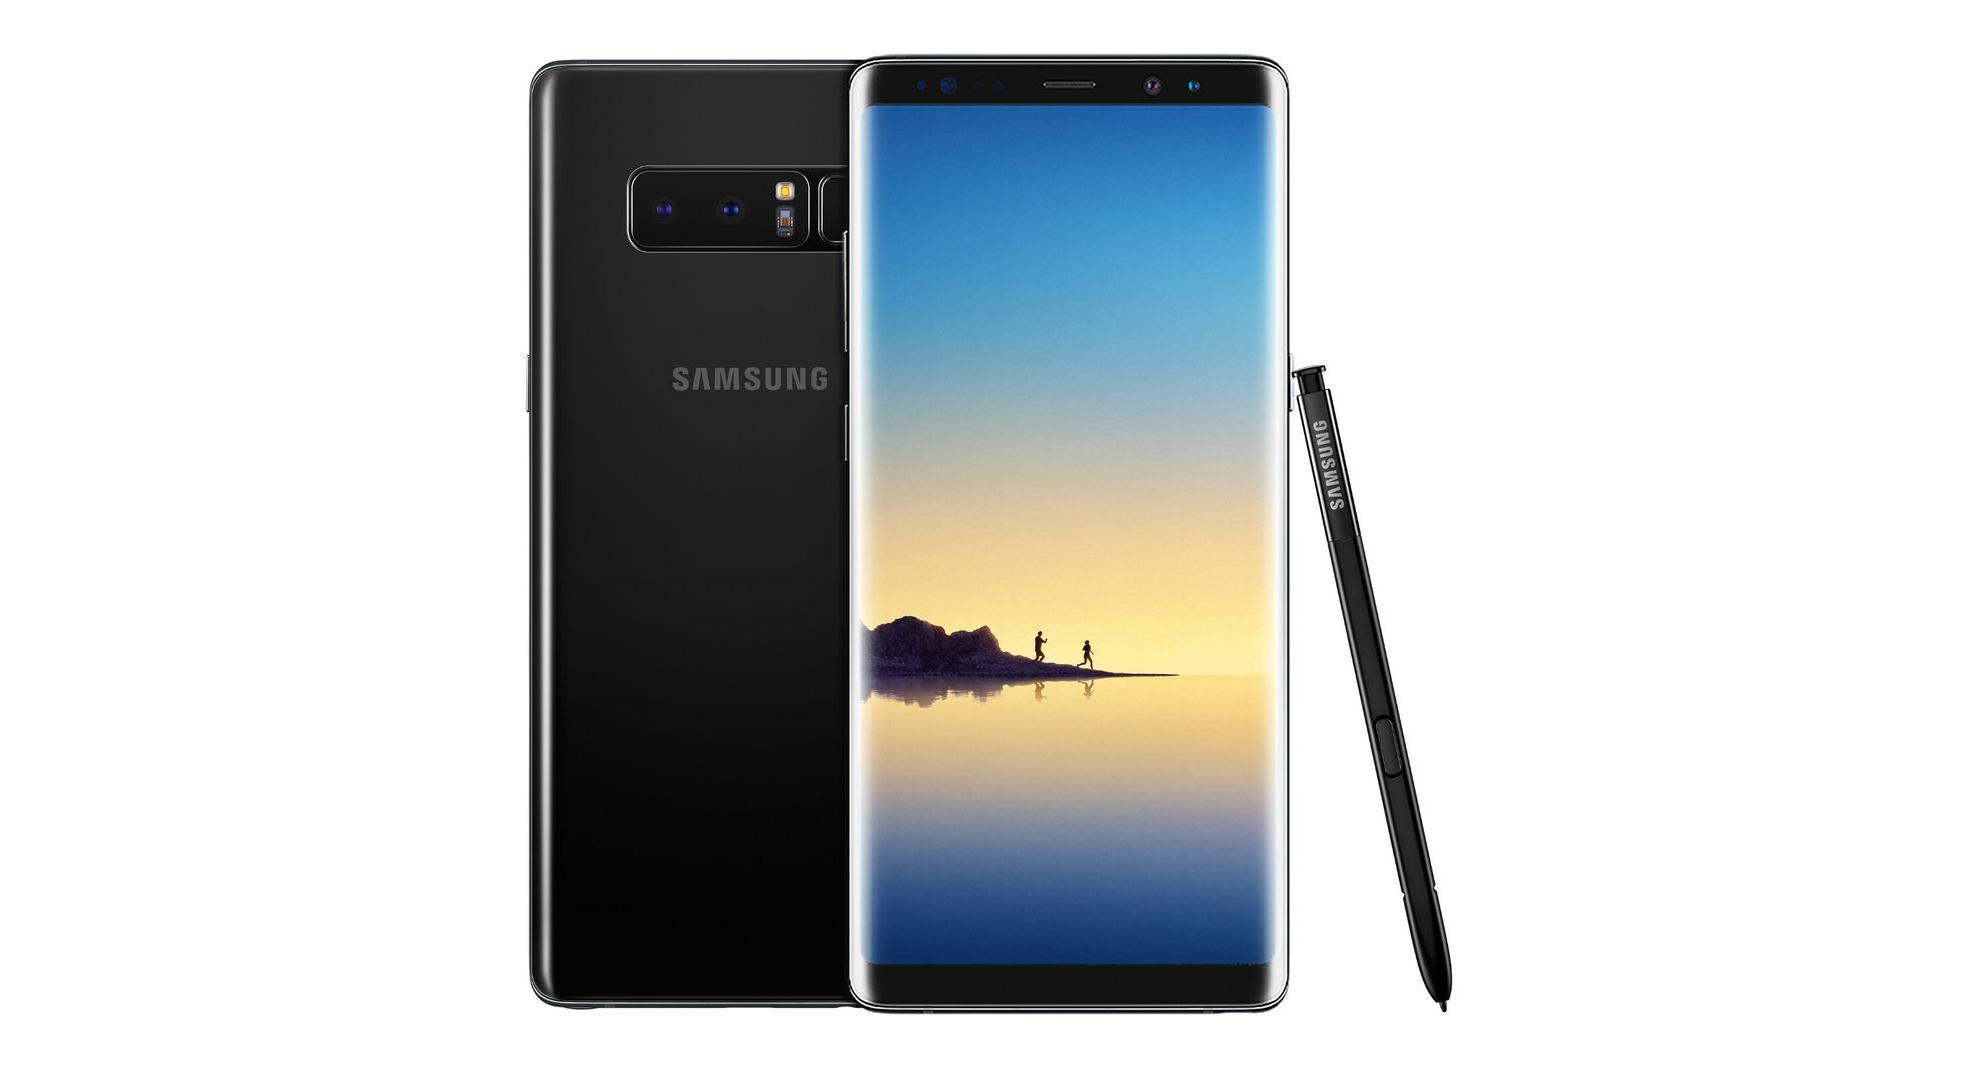 Soldes 2019 : le Samsung Galaxy Note 8 est à 499 euros sur Cdiscount - FrAndroid